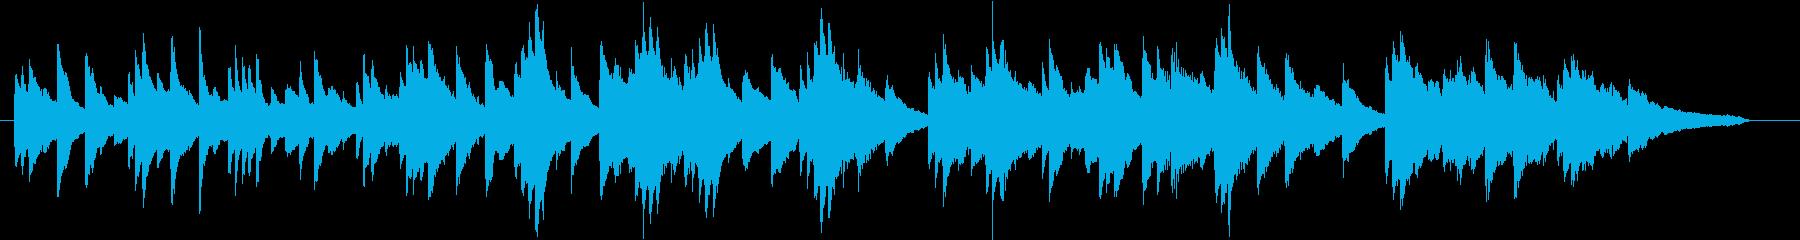 結婚式BGM_ブーケ01の再生済みの波形